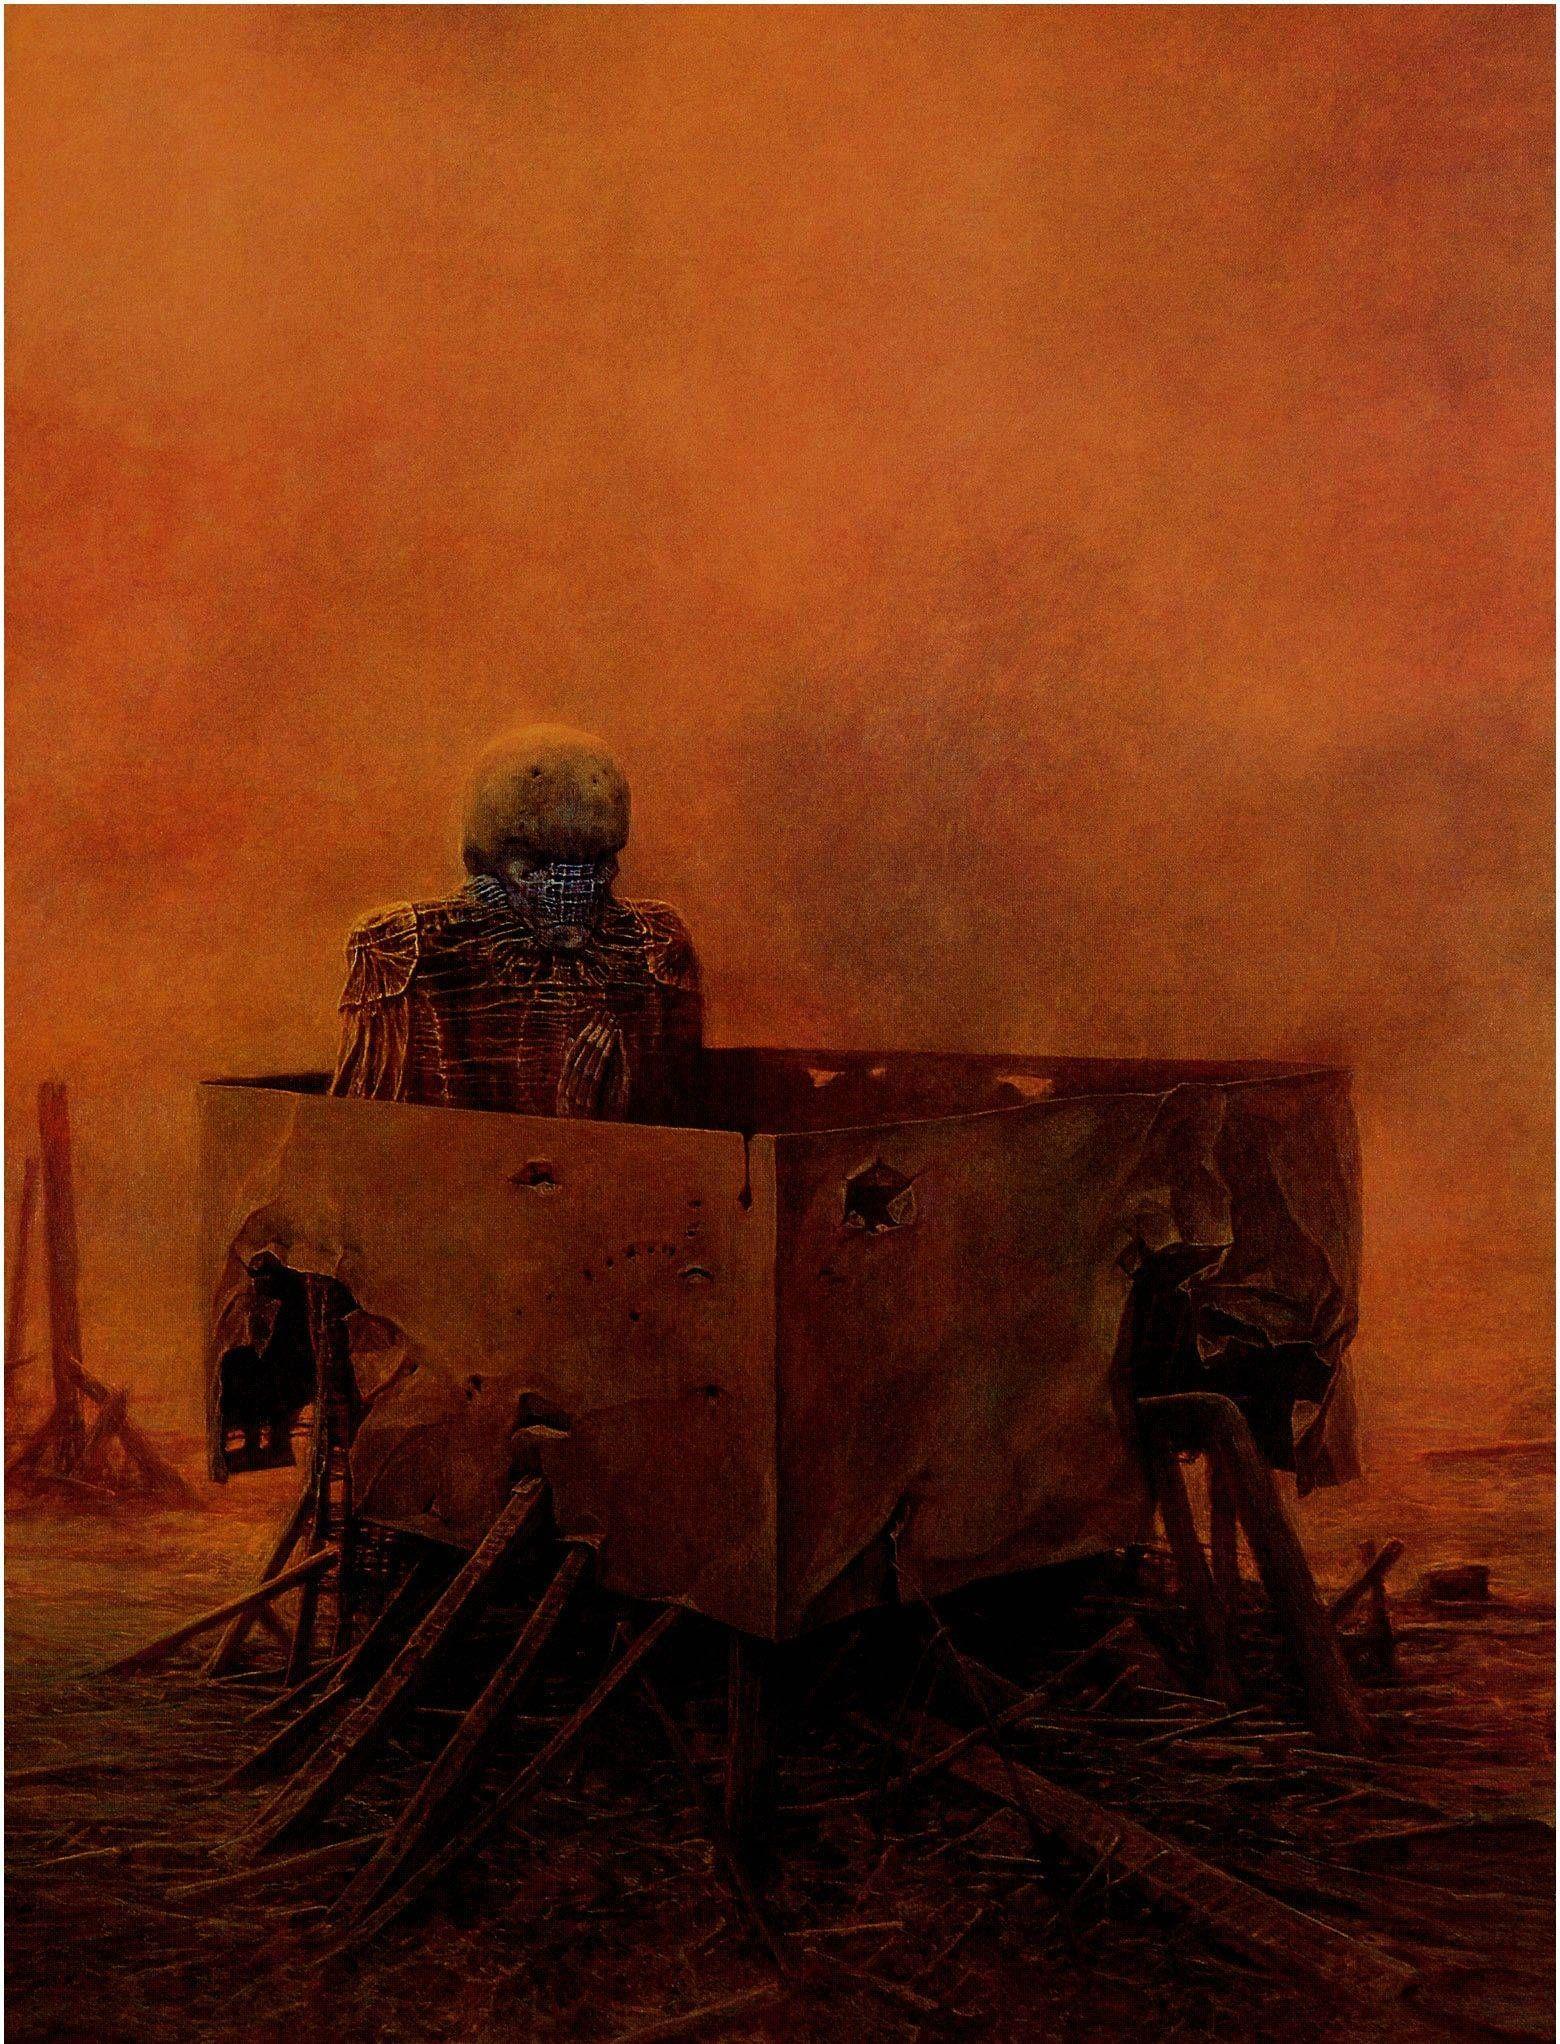 Zdzisław Beksiński  #Polska #Art #SciFi #ScienceFiction #Dystopia #Lovecraft #Macabre